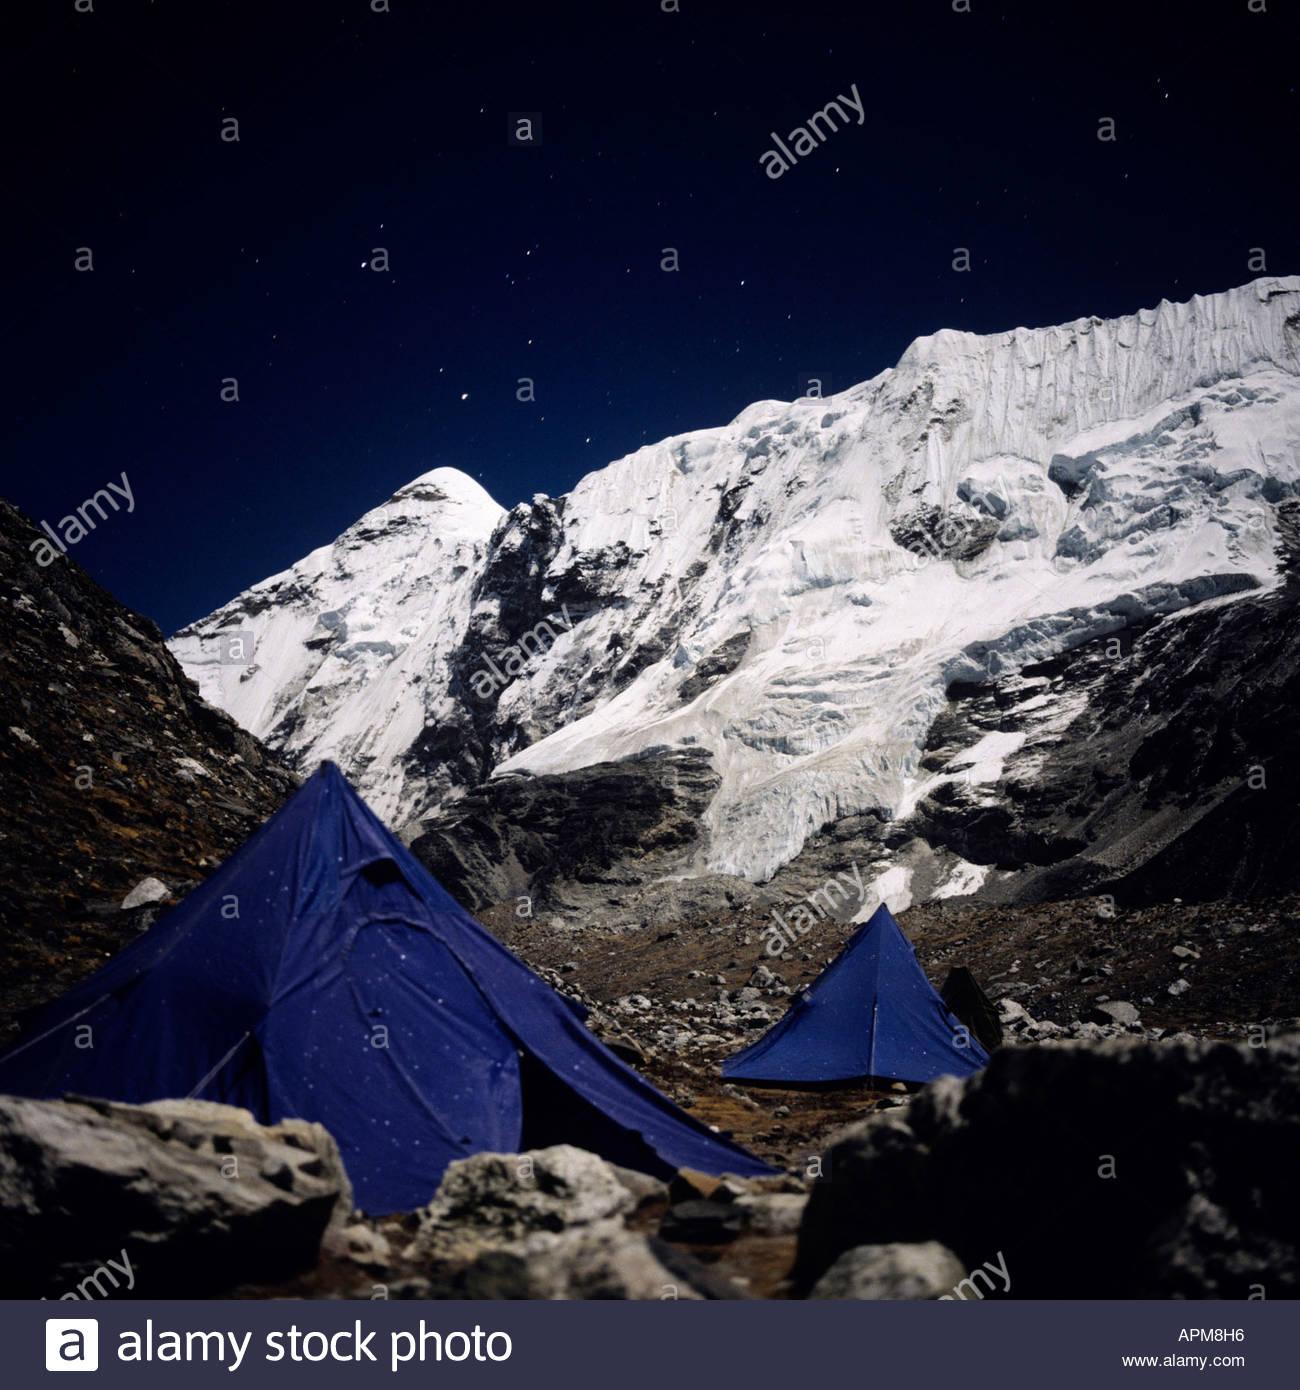 Le Népal, Solo Khumbu, Island Peak avec Camp de base à nuit Photo Stock